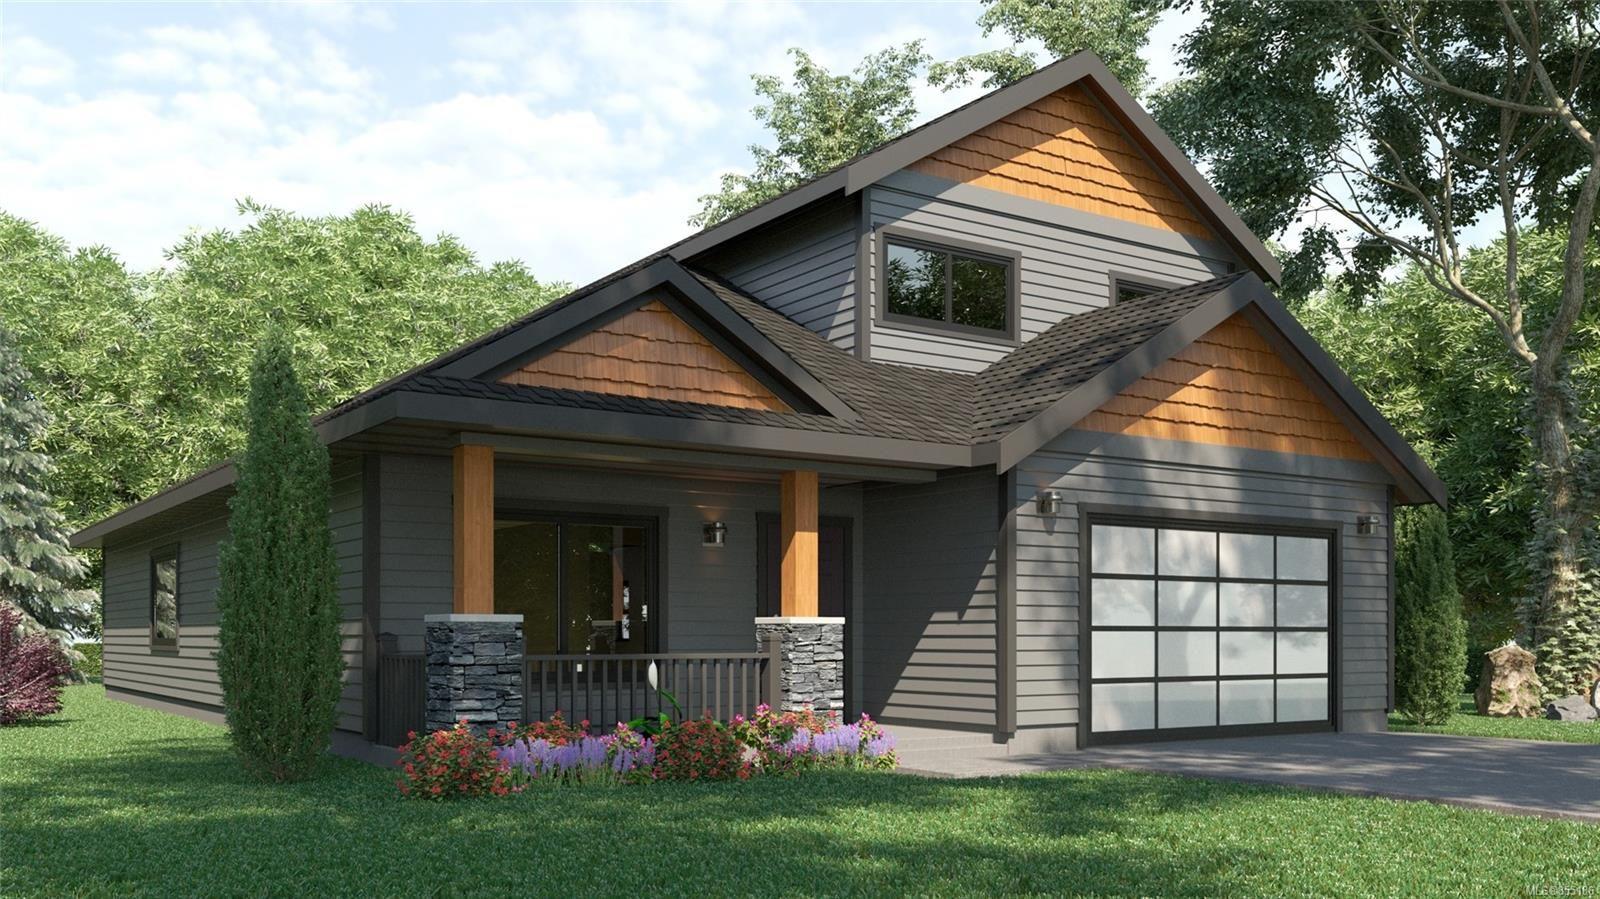 Main Photo: 3074 Gibbins Rd in : Du West Duncan Land for sale (Duncan)  : MLS®# 855186